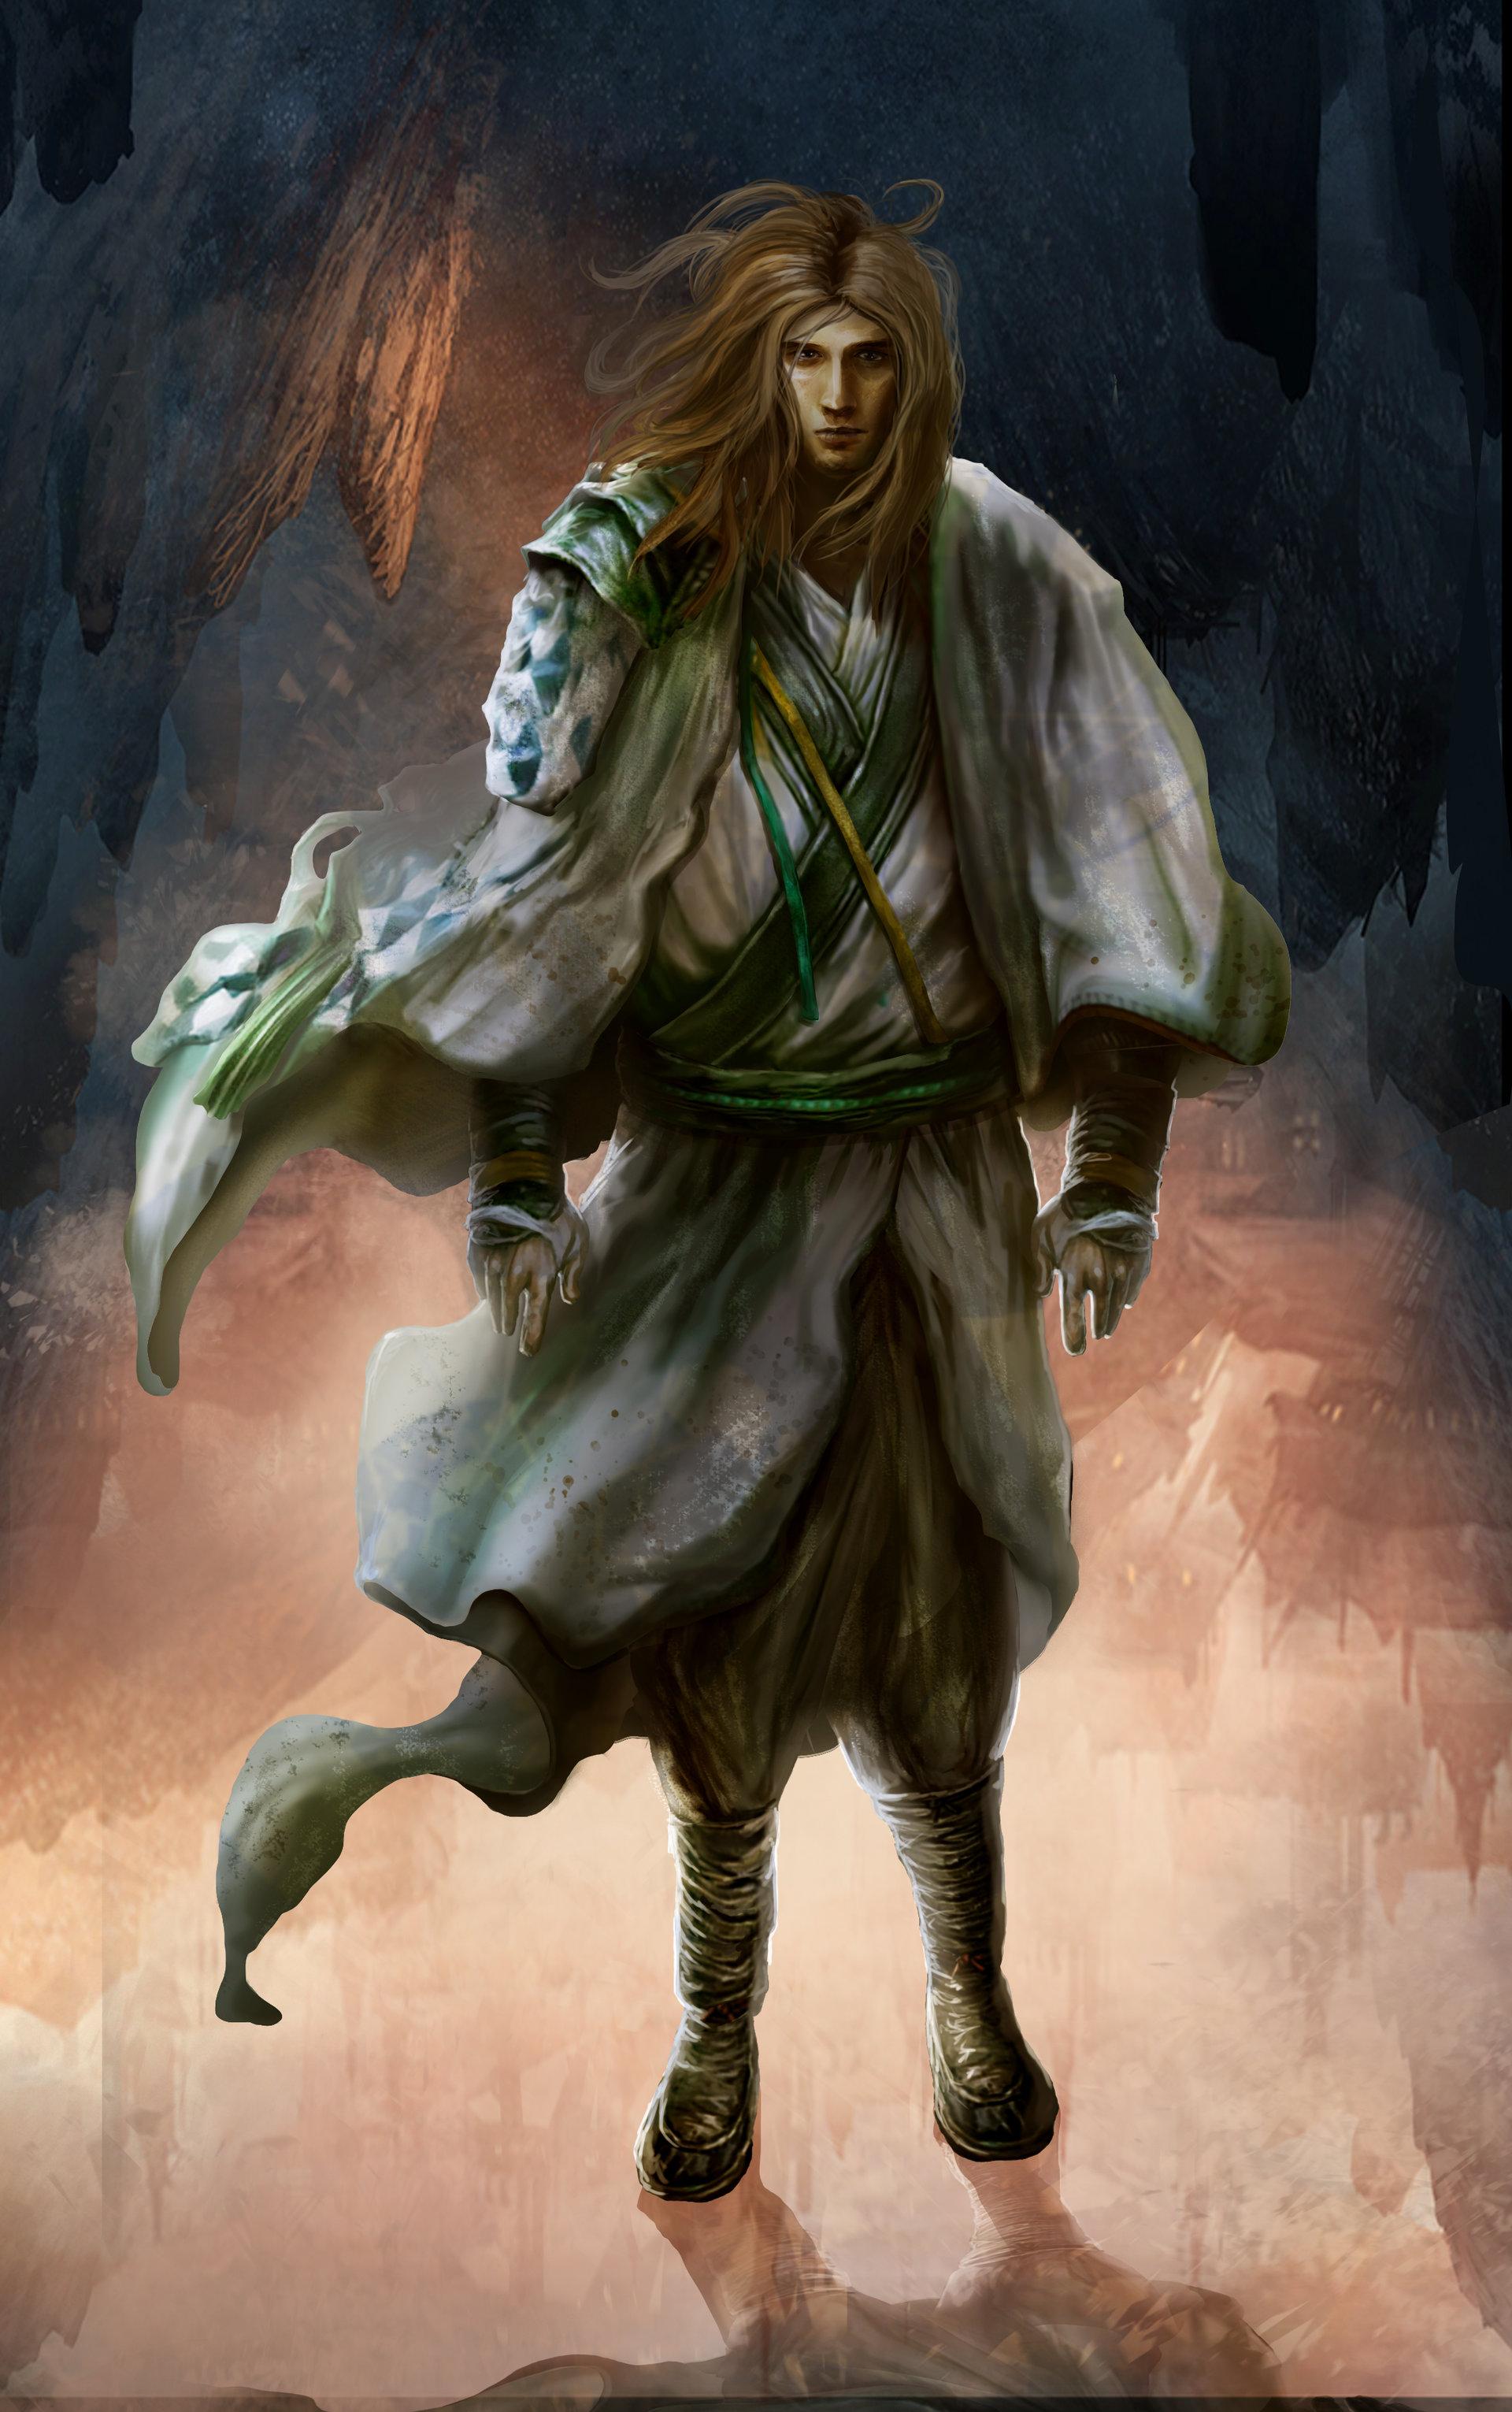 Hntrung martial art character